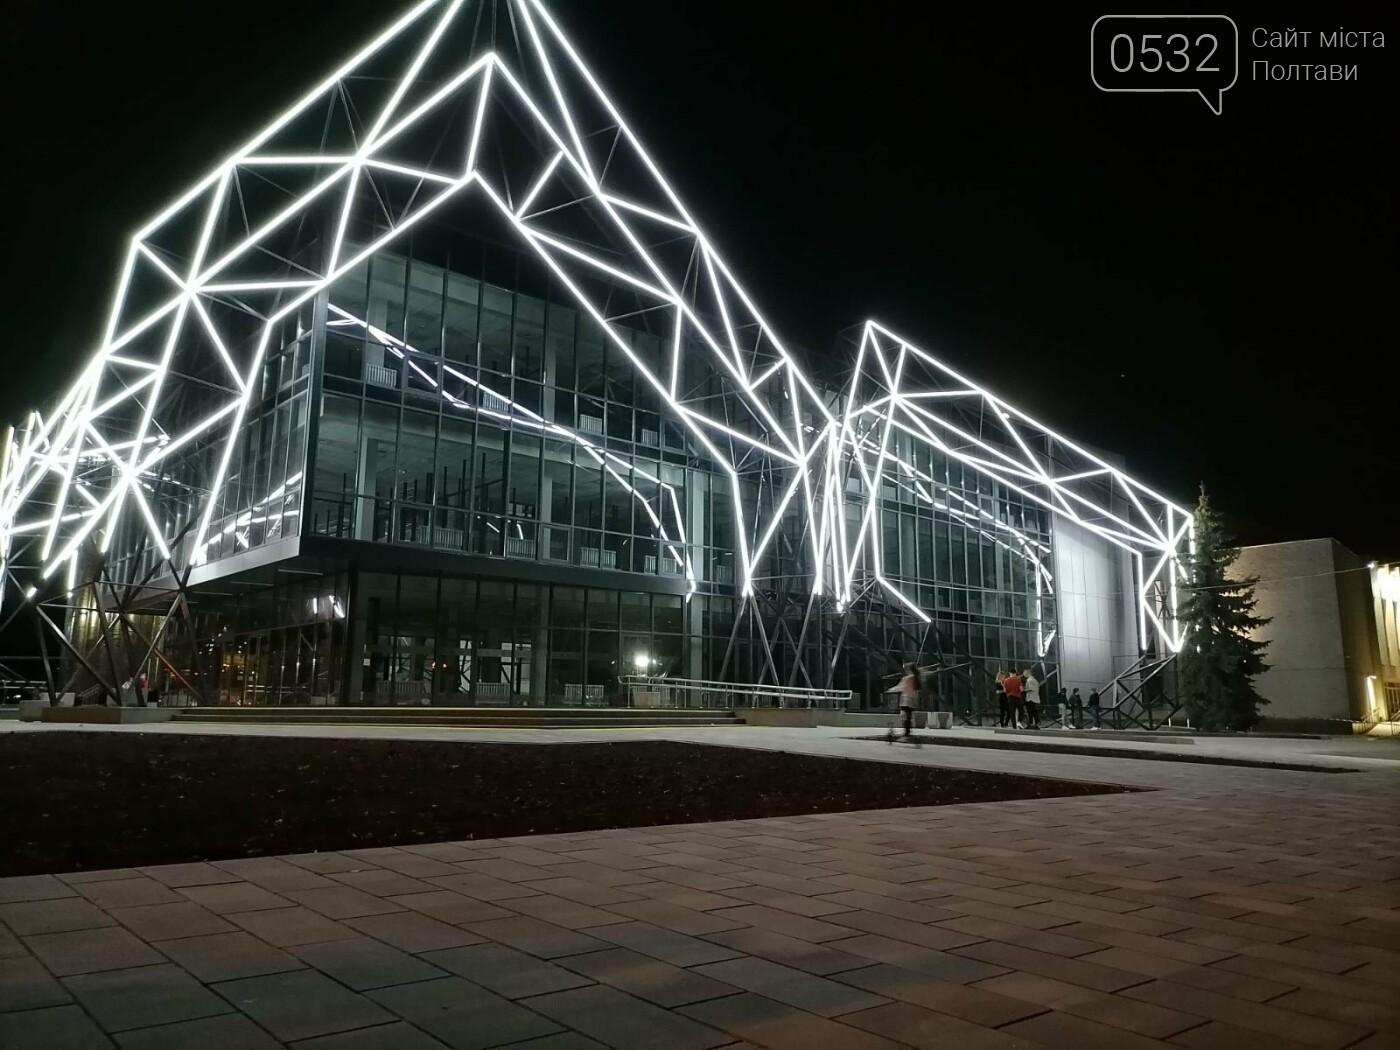 У Полтаві новий ЦНАП на площі біля ОДА став місцем вечірнього «паломництва» (ФОТО), фото-4